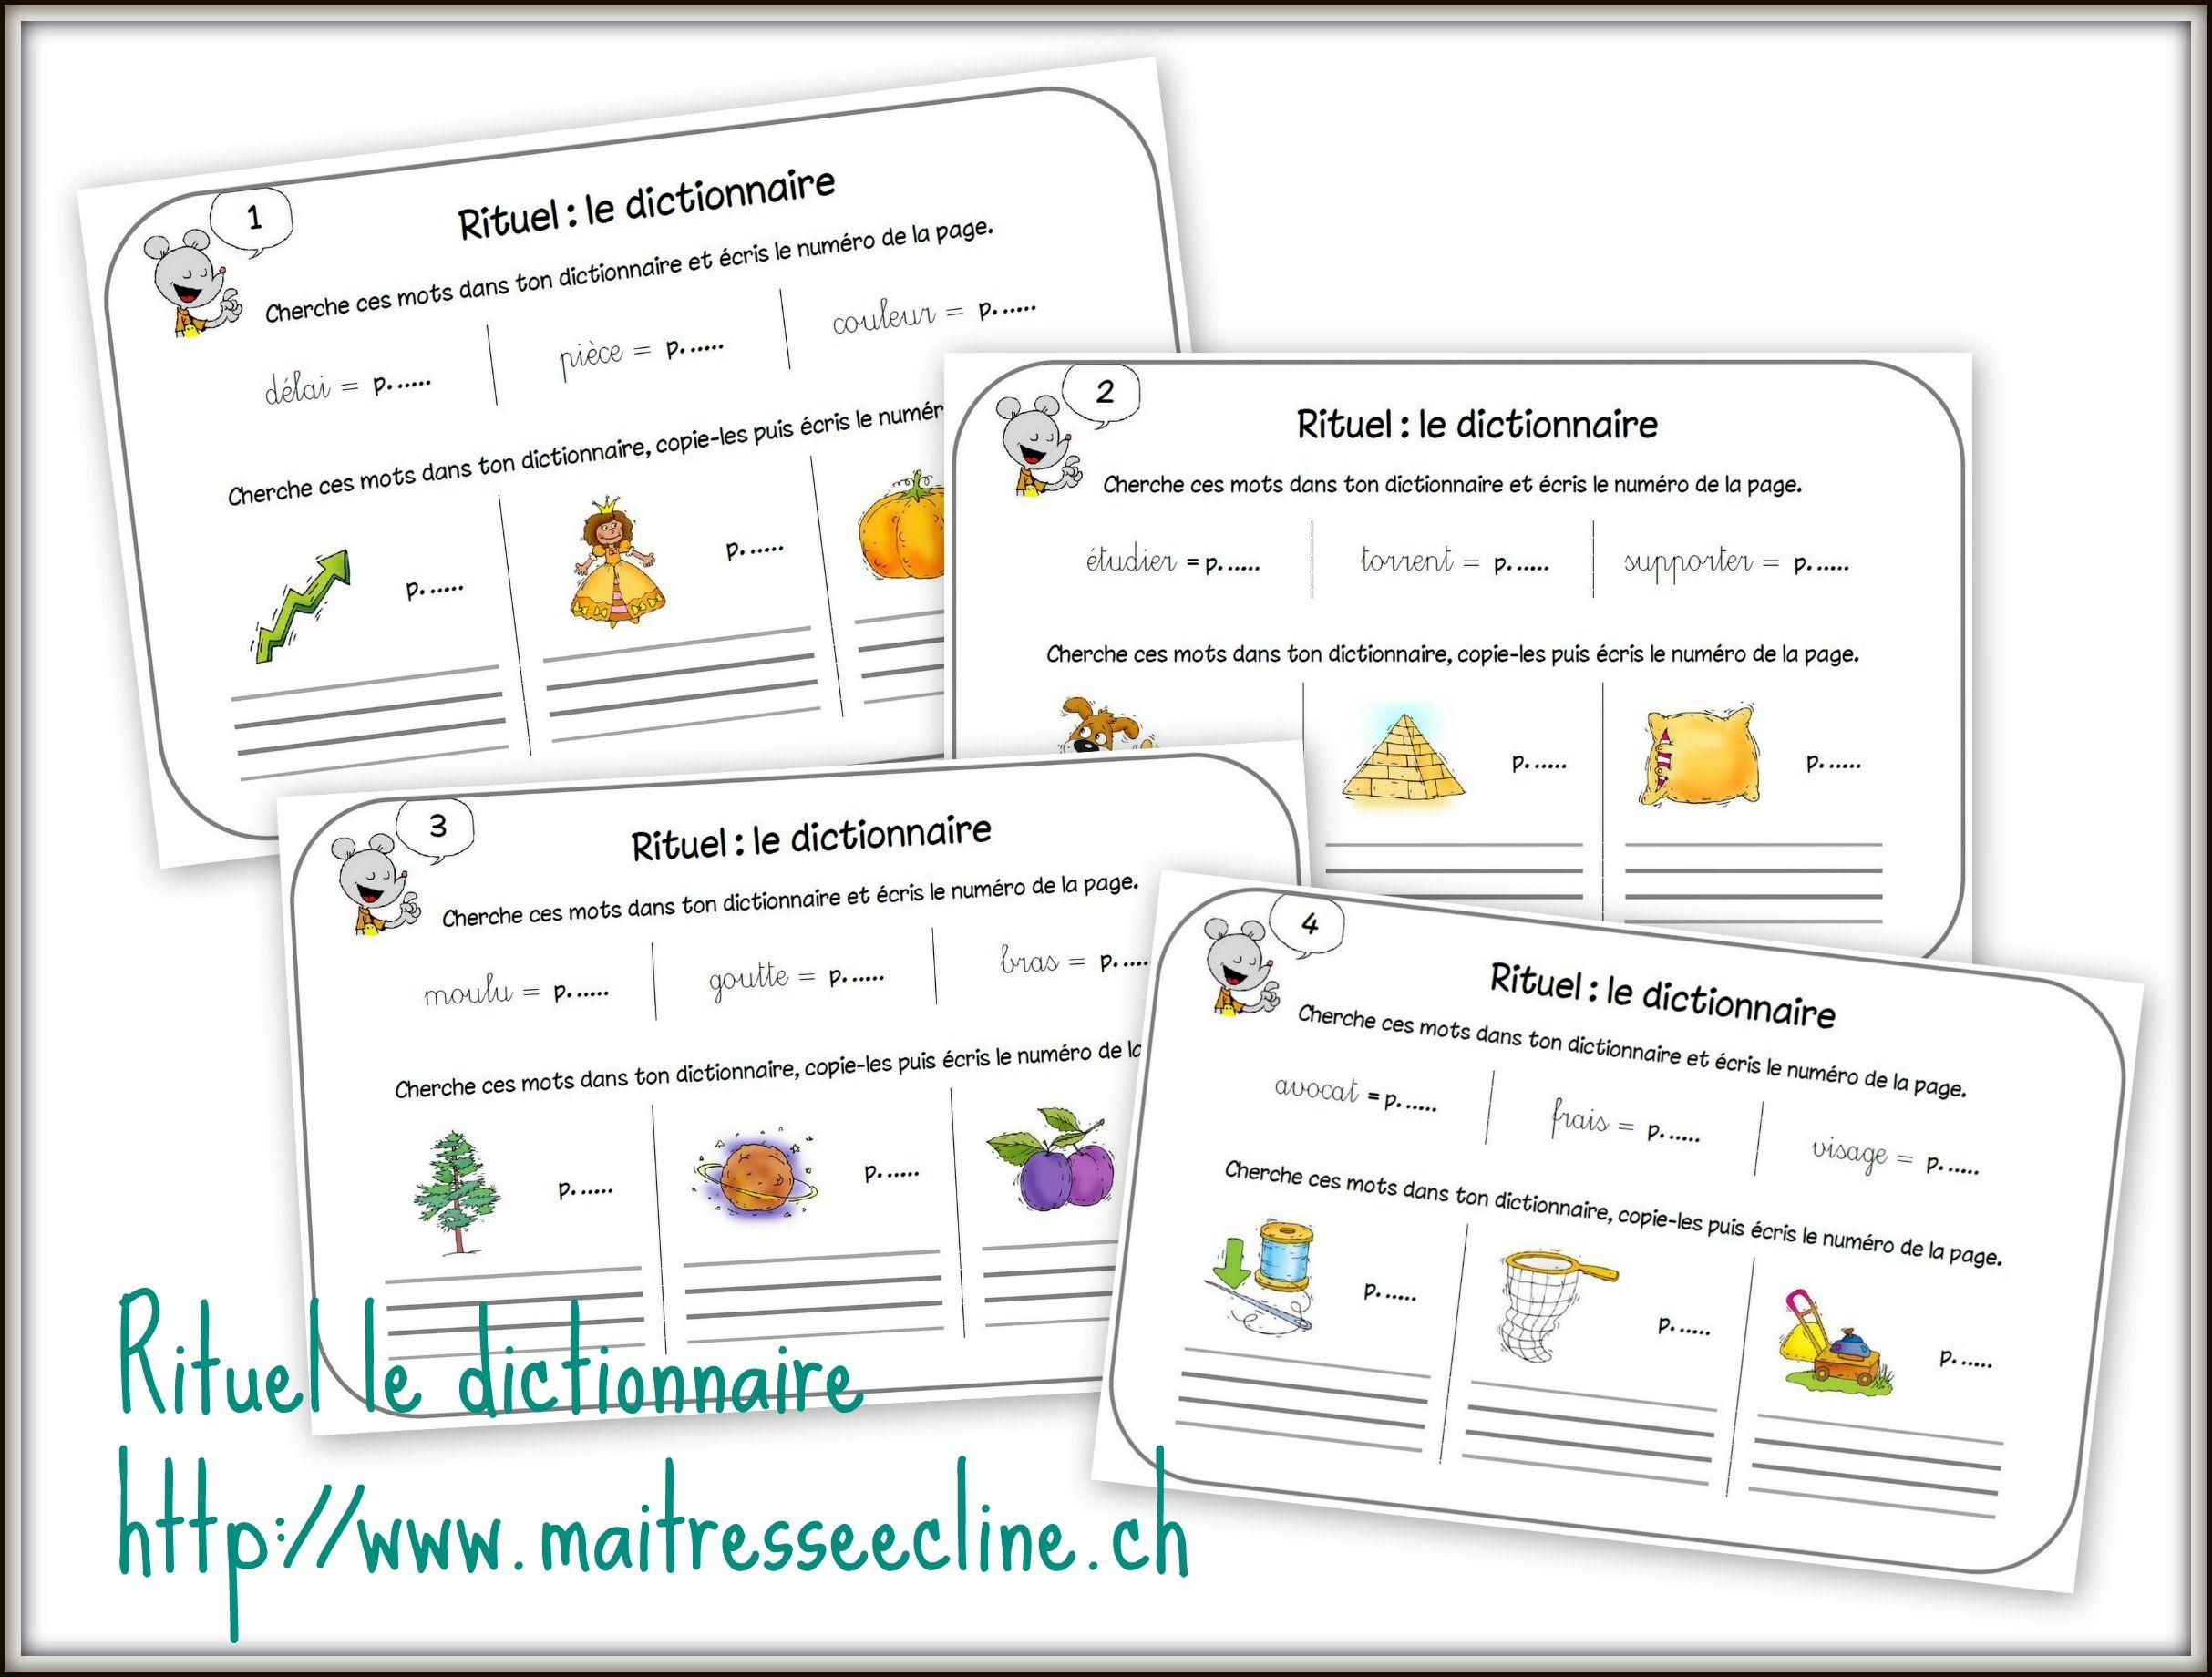 Rituel Recherche Dans Le Dictionnaire Pour Les 4e Harmos Dictionnaire Rituels Ce1 Familles De Mots